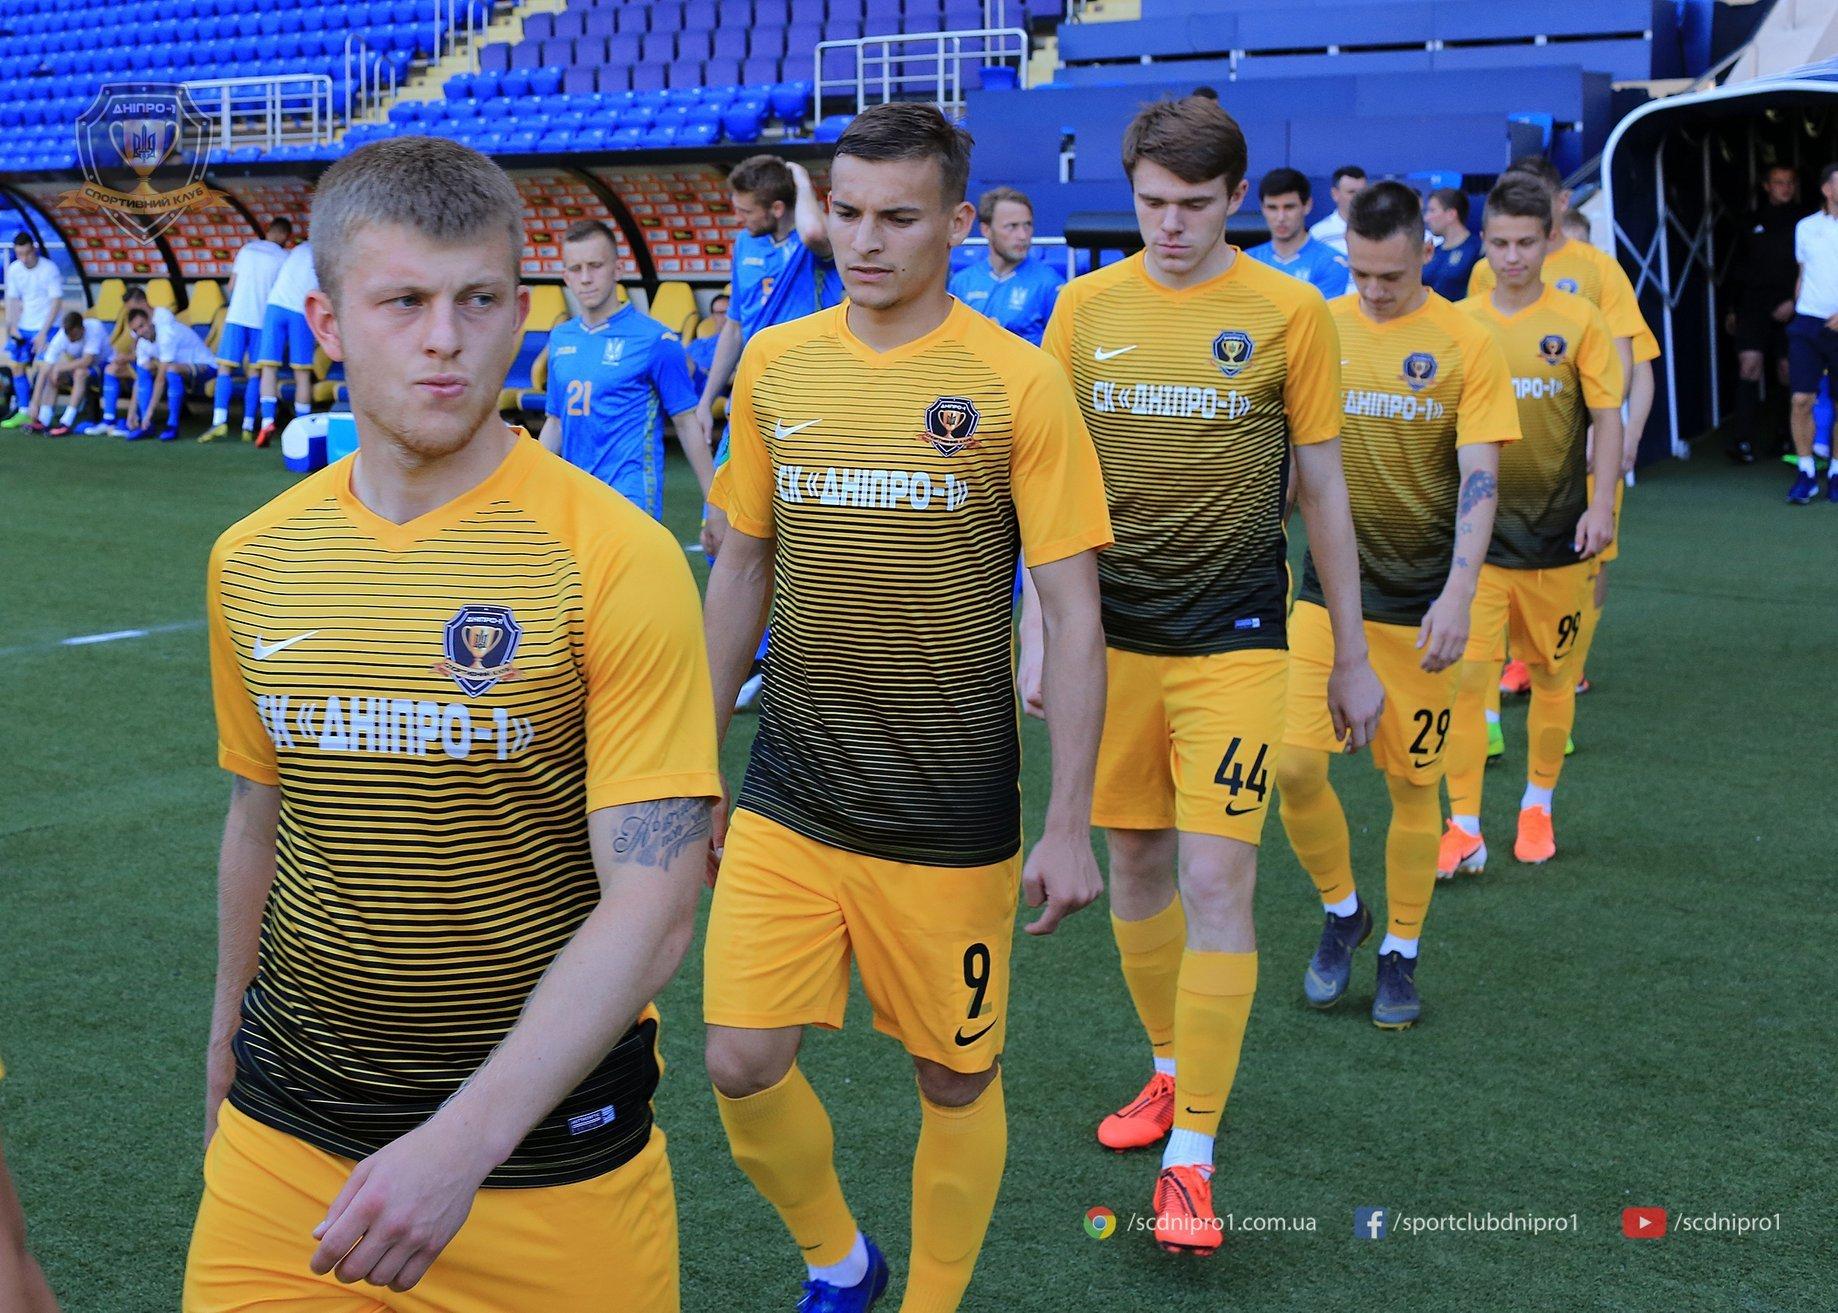 УПЛ: в чем будут играть украинские клубы в сезоне 2019/2020 - изображение 27